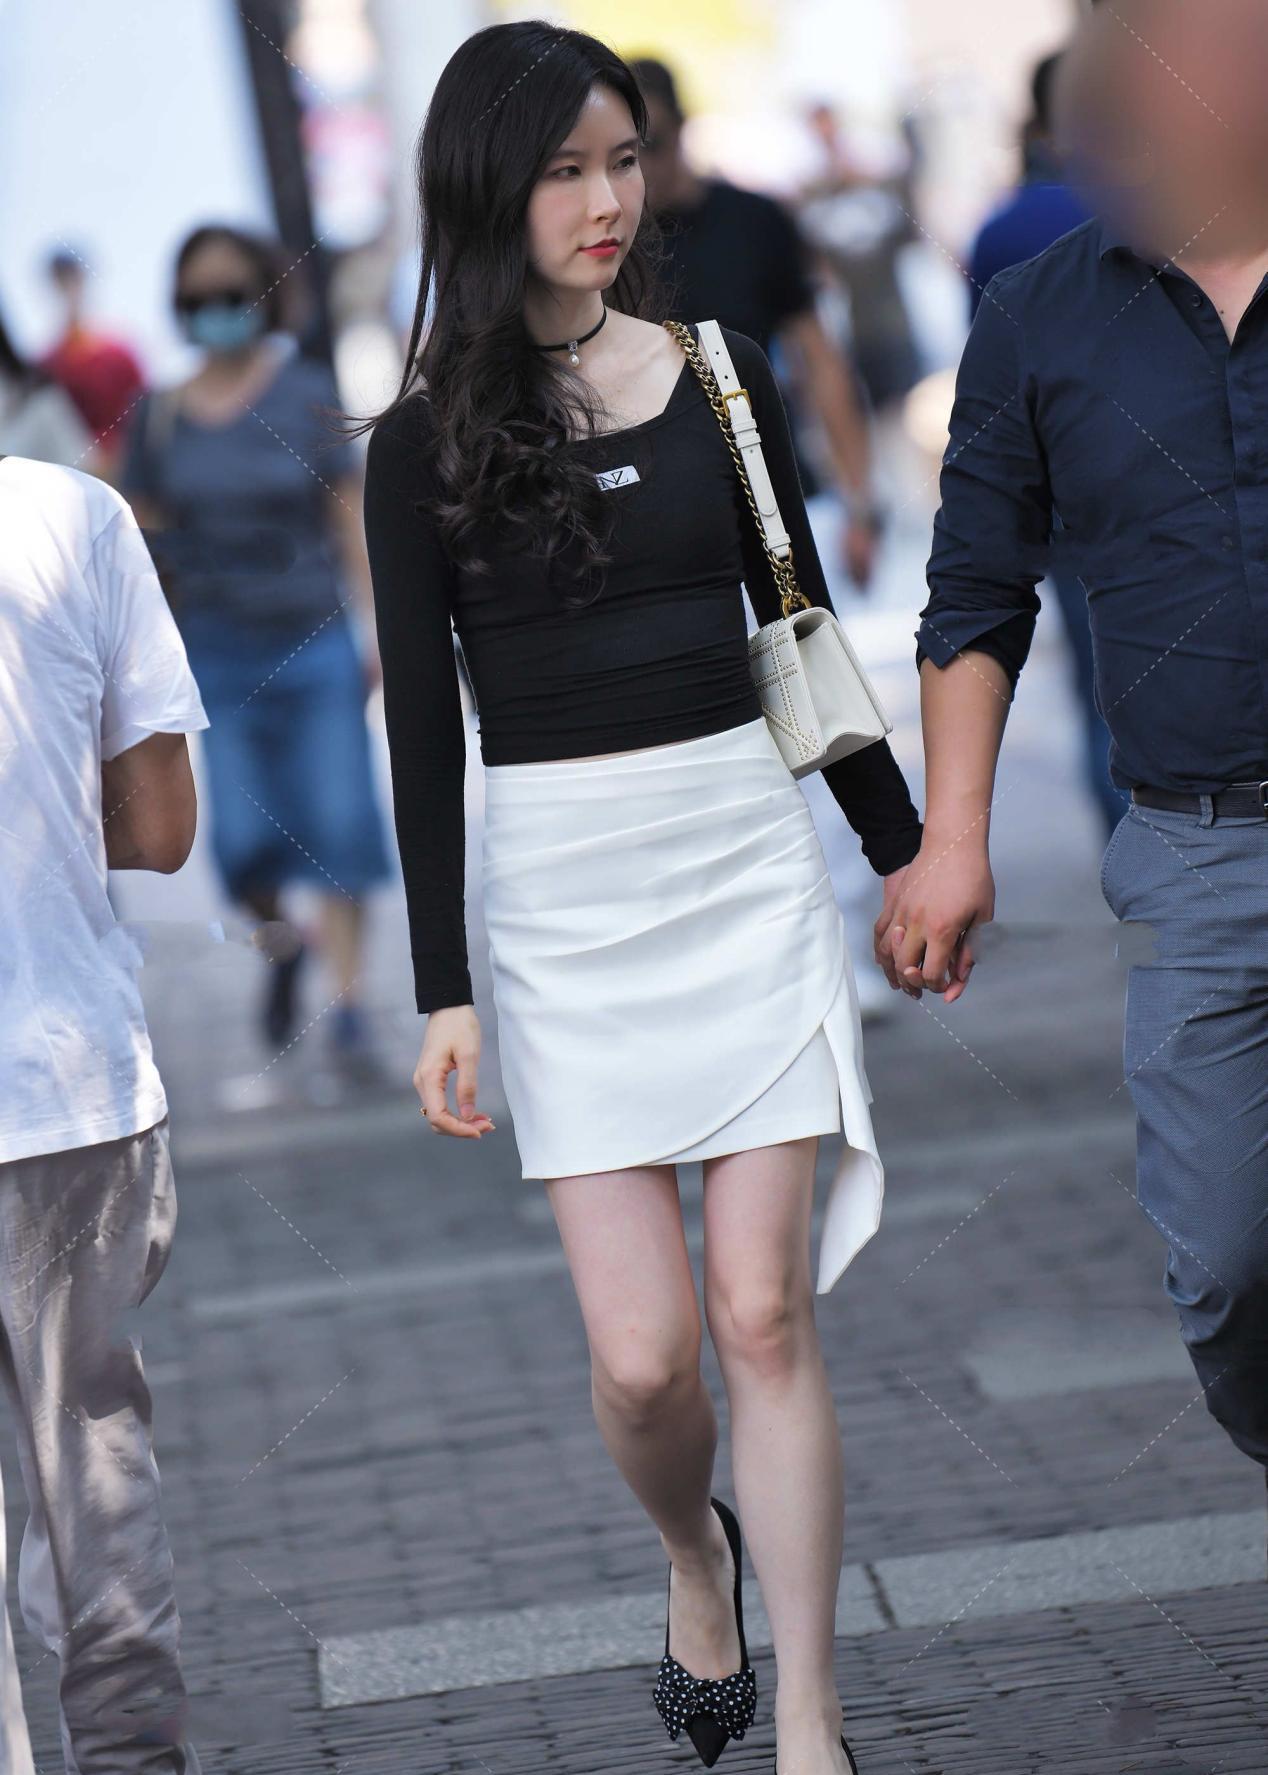 时尚:A字短裙,显高显瘦,搭配不同上衣,彰显出不同时尚感